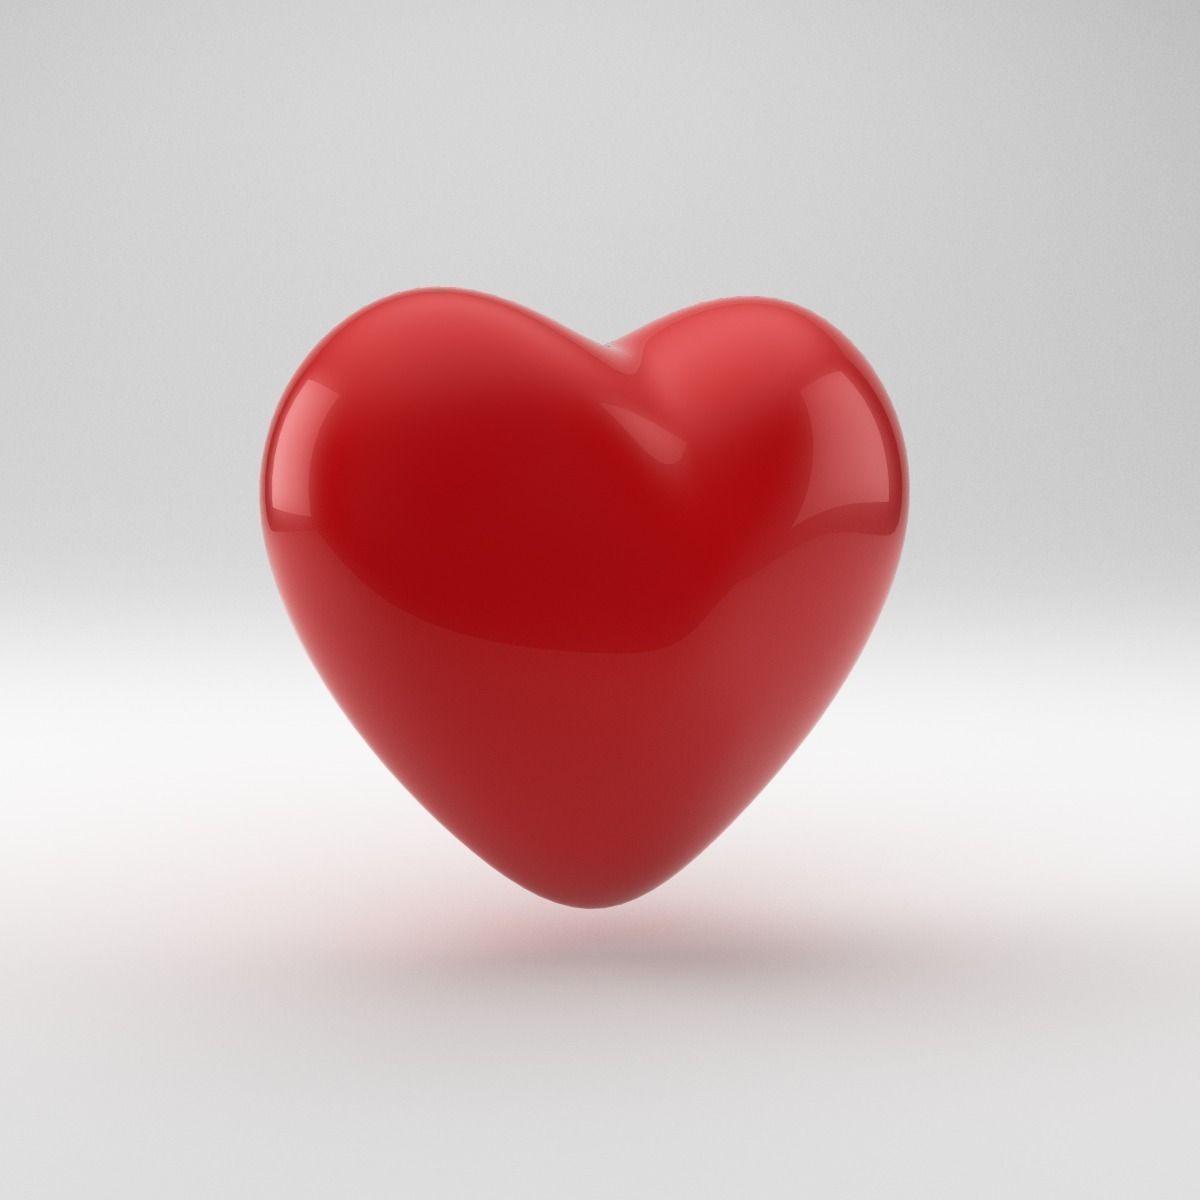 Heart Shape 3D Model .obj .3ds .fbx .blend .dae - CGTrader.com